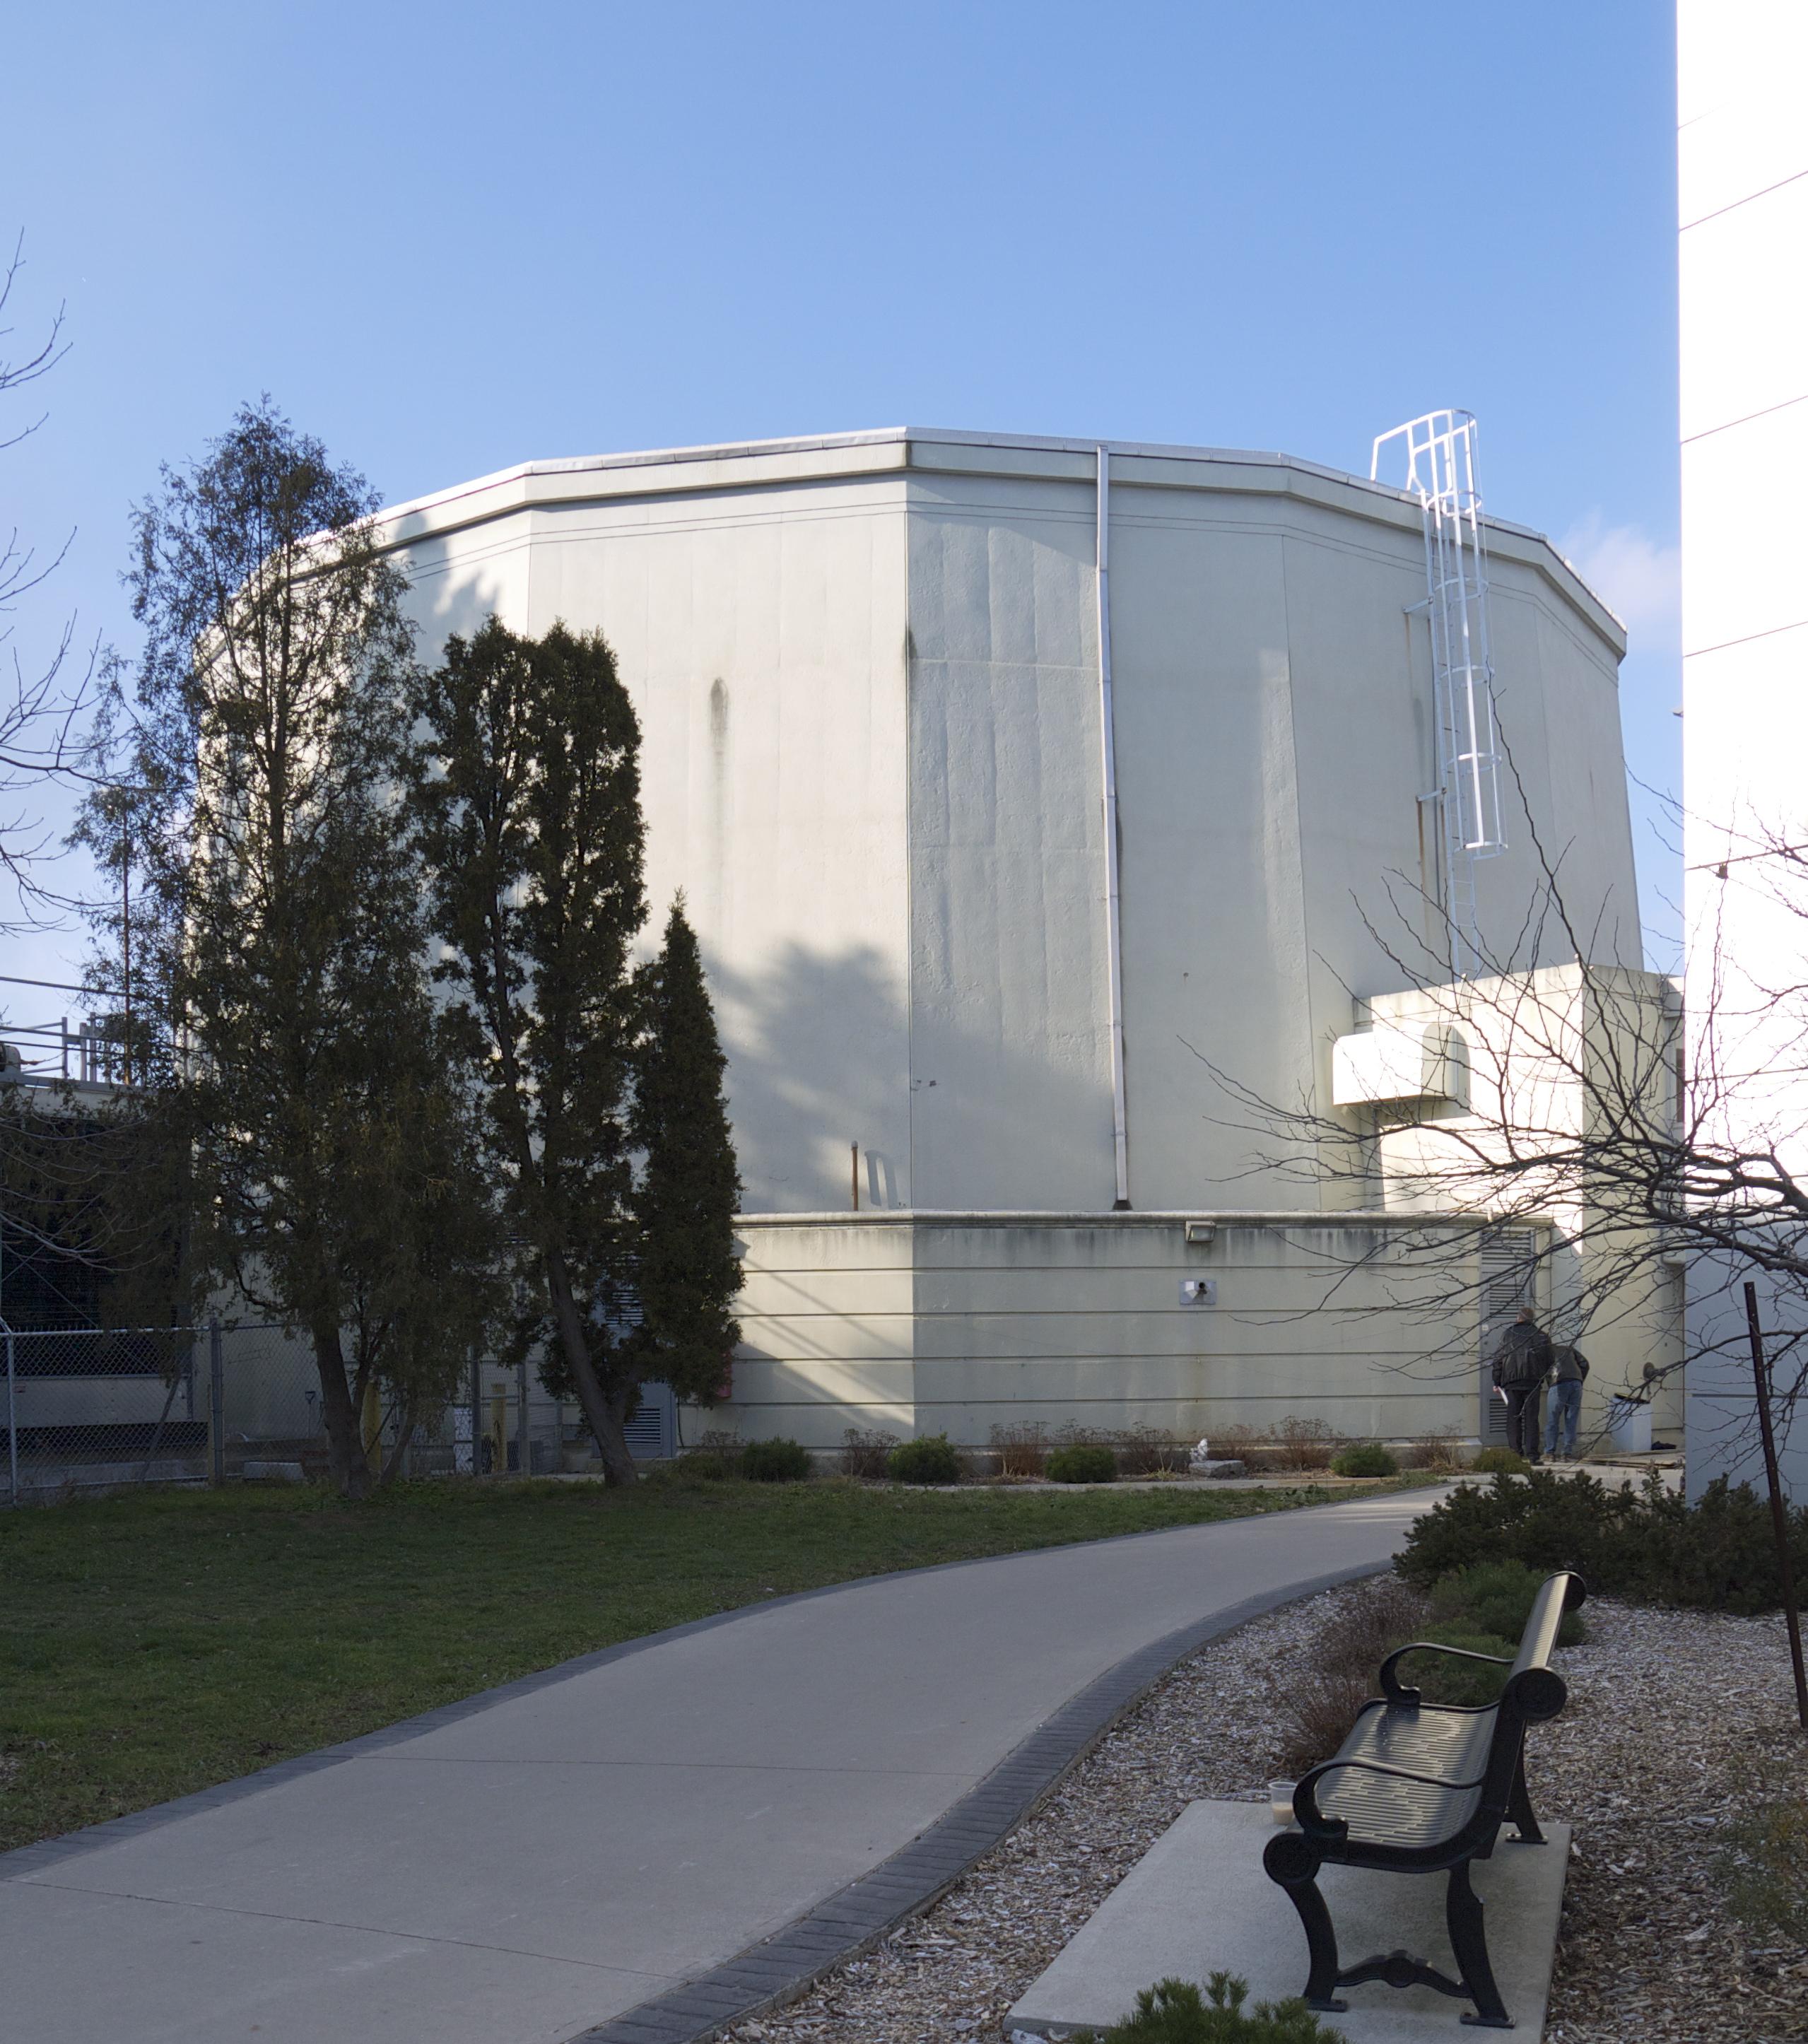 Lò phản ứng phục vụ nghiên cứu của McMaster University